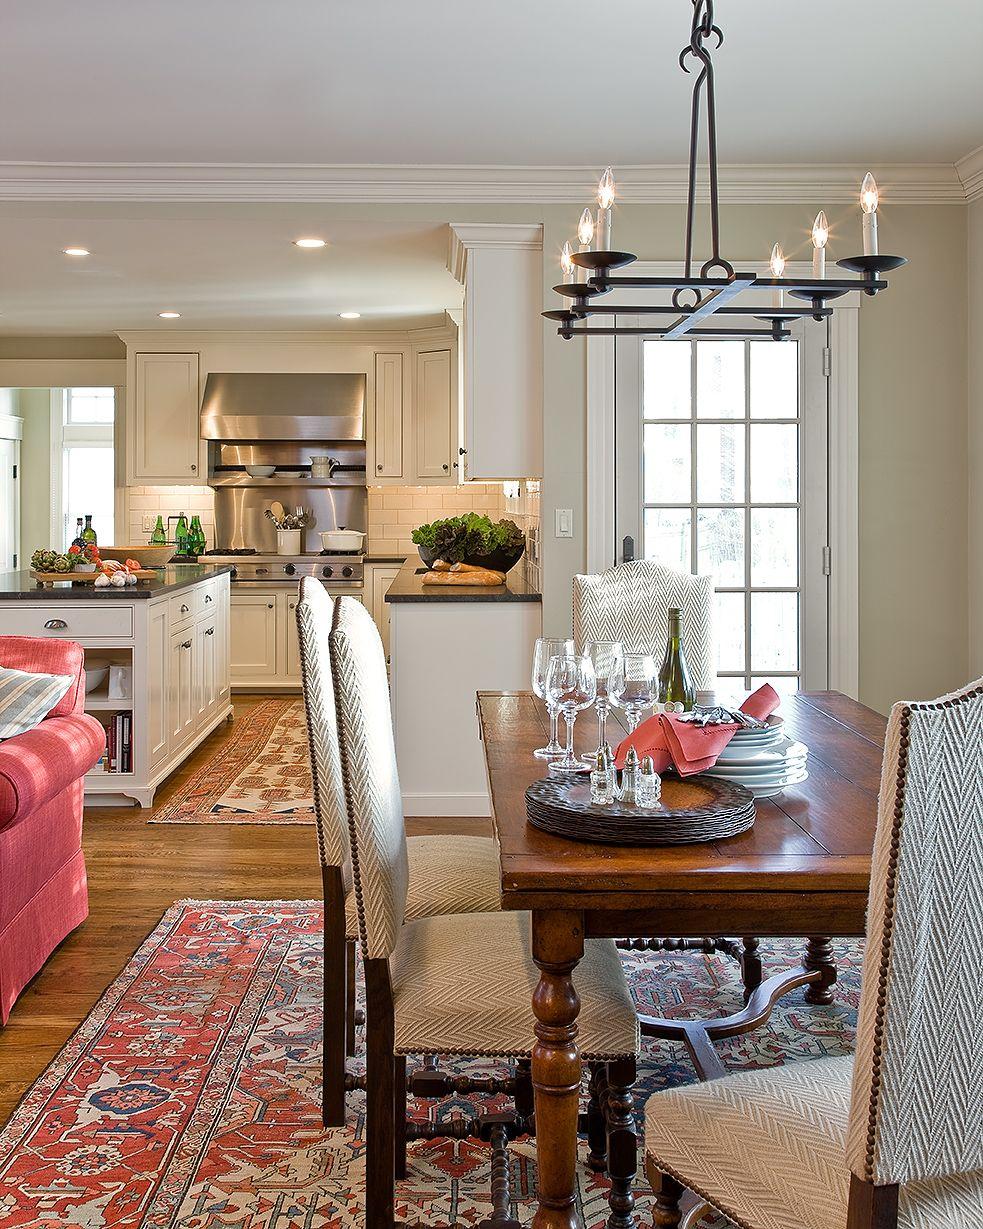 Kitchen Dining Interior Design: Gallery Of Our Interior Design Work